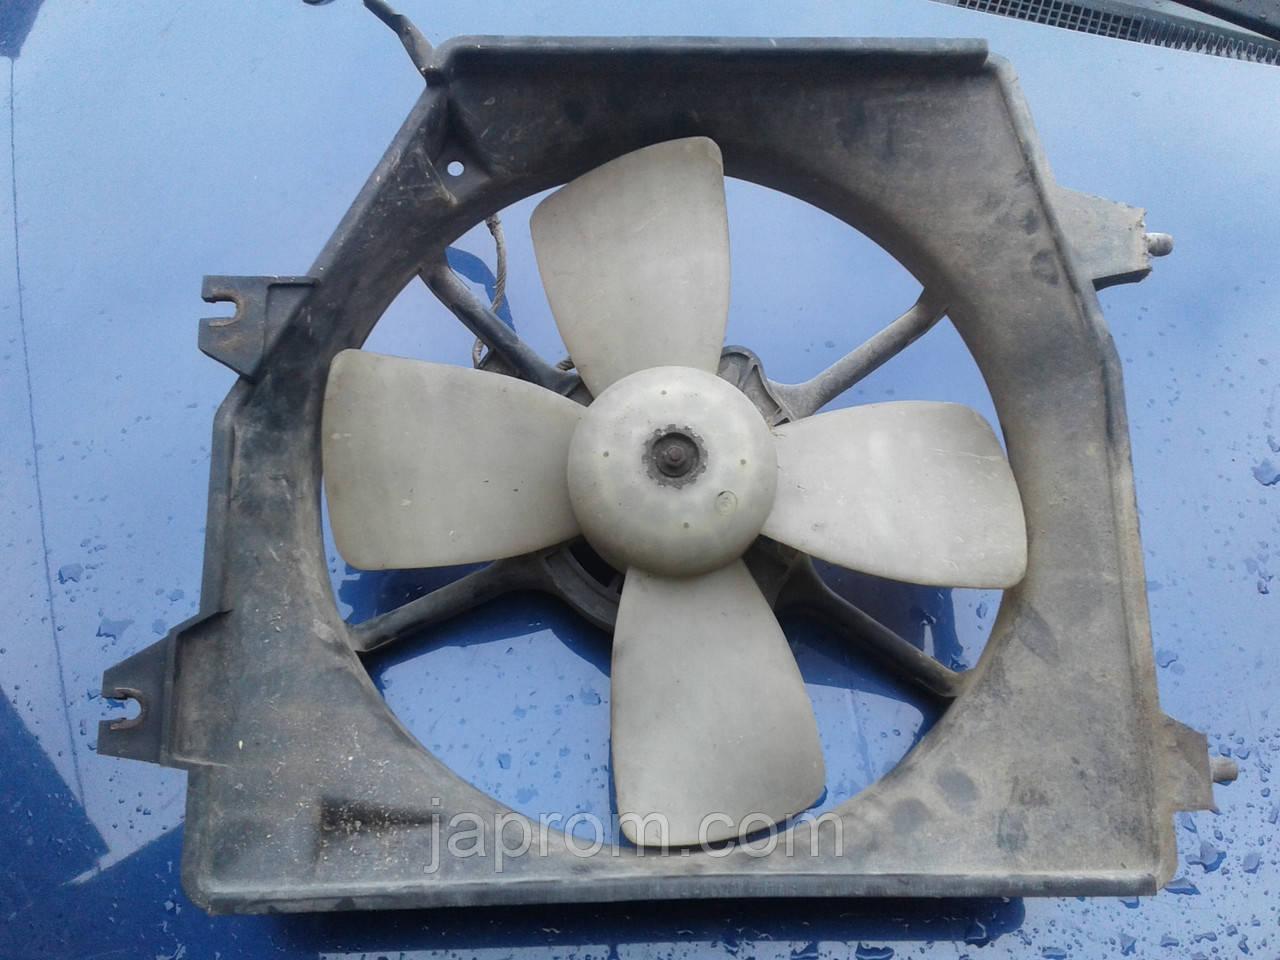 Вентилятор (диффузор) радиатора Mazda 323 BJ 1997-2002г.в. 2.0 дизель